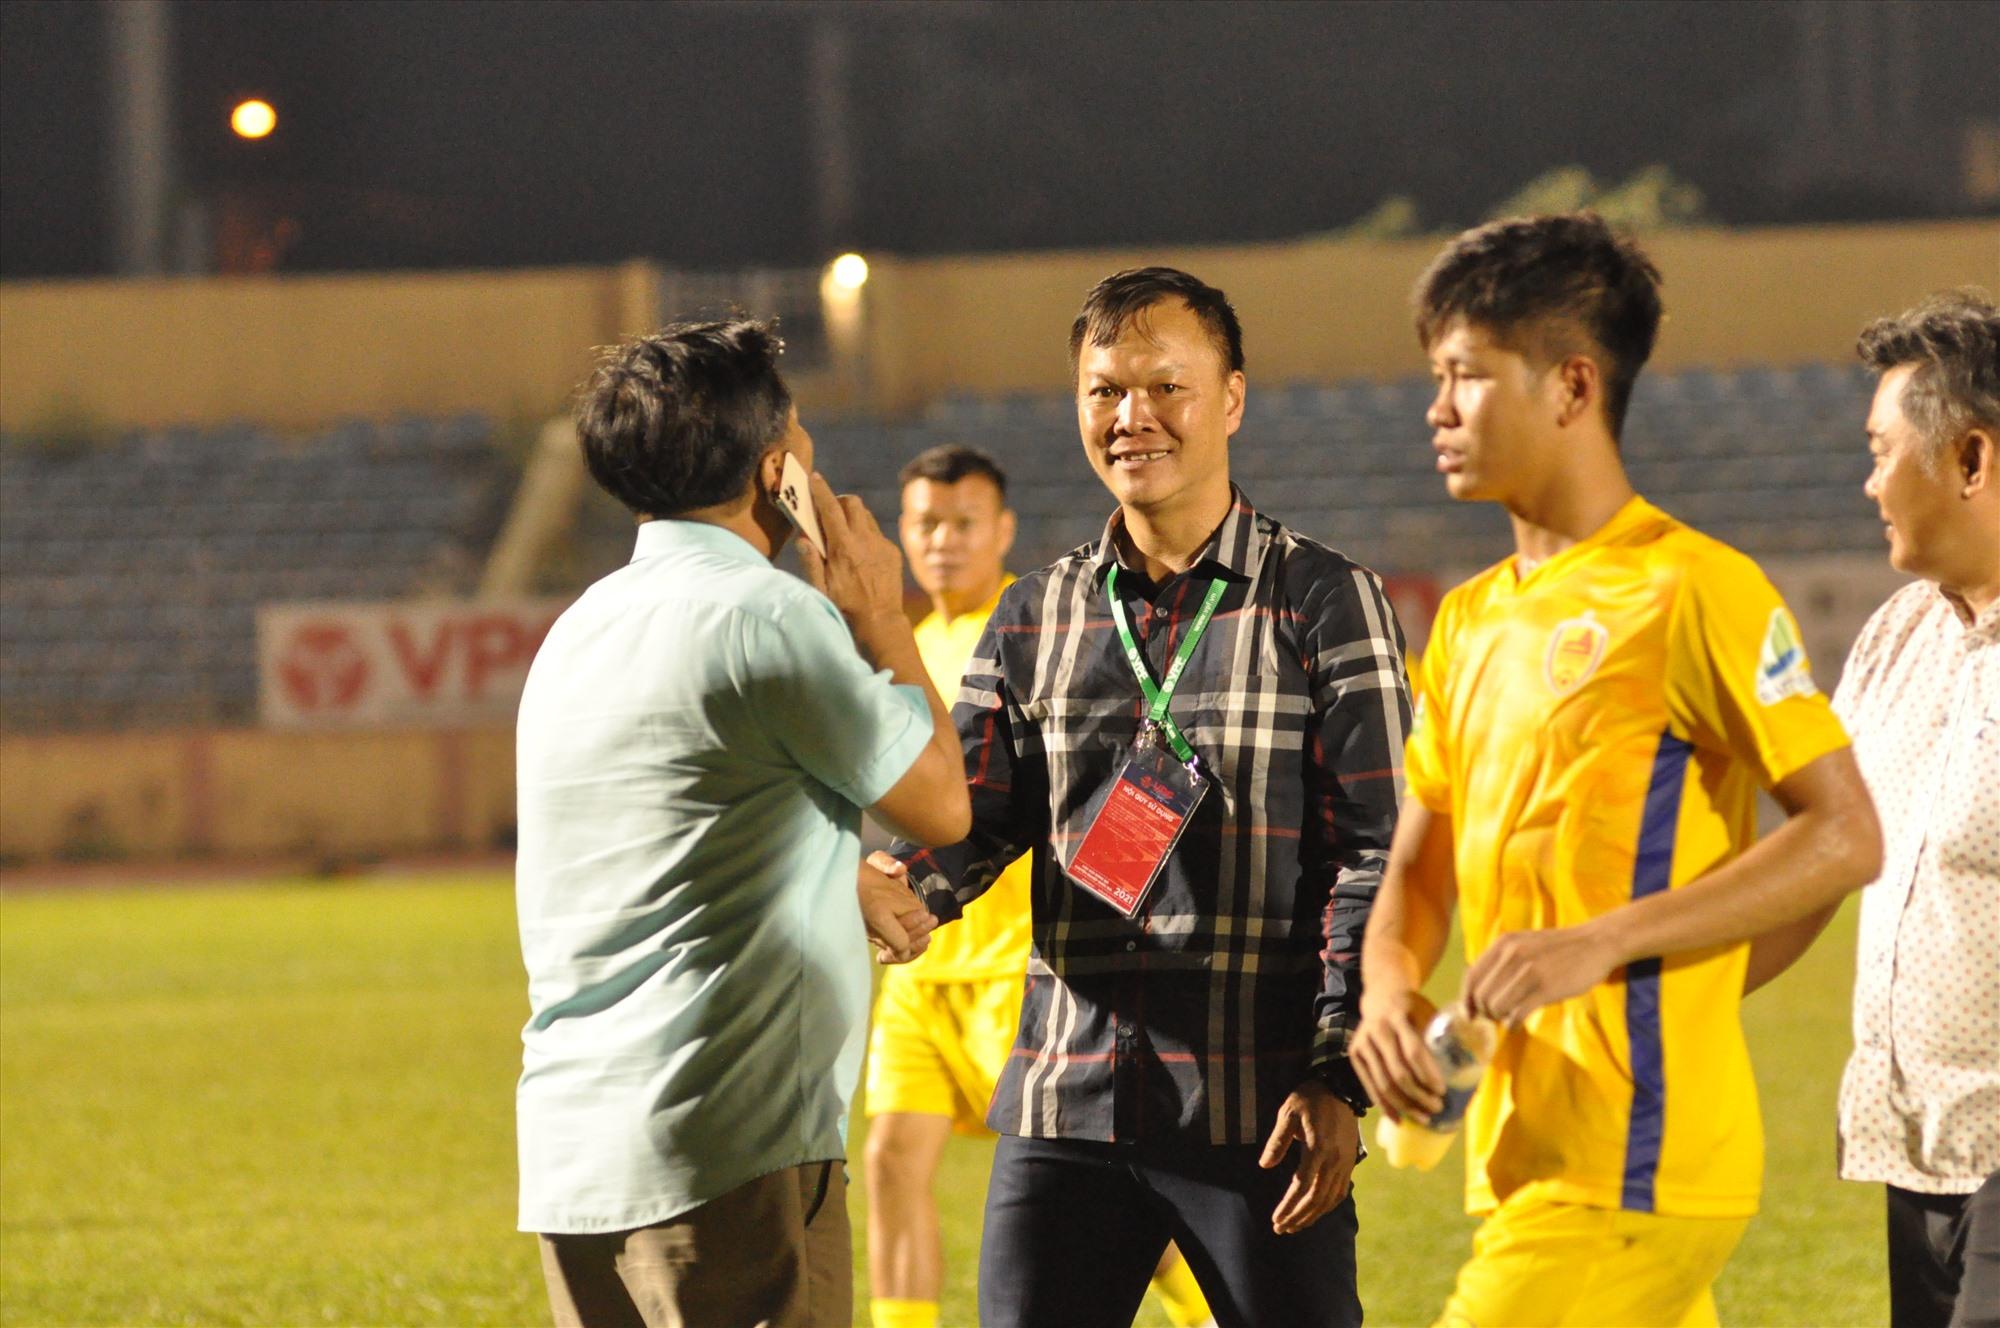 Nụ cười của HLV Dương Hồng Sơn sau trận đấu. Ảnh: T.V